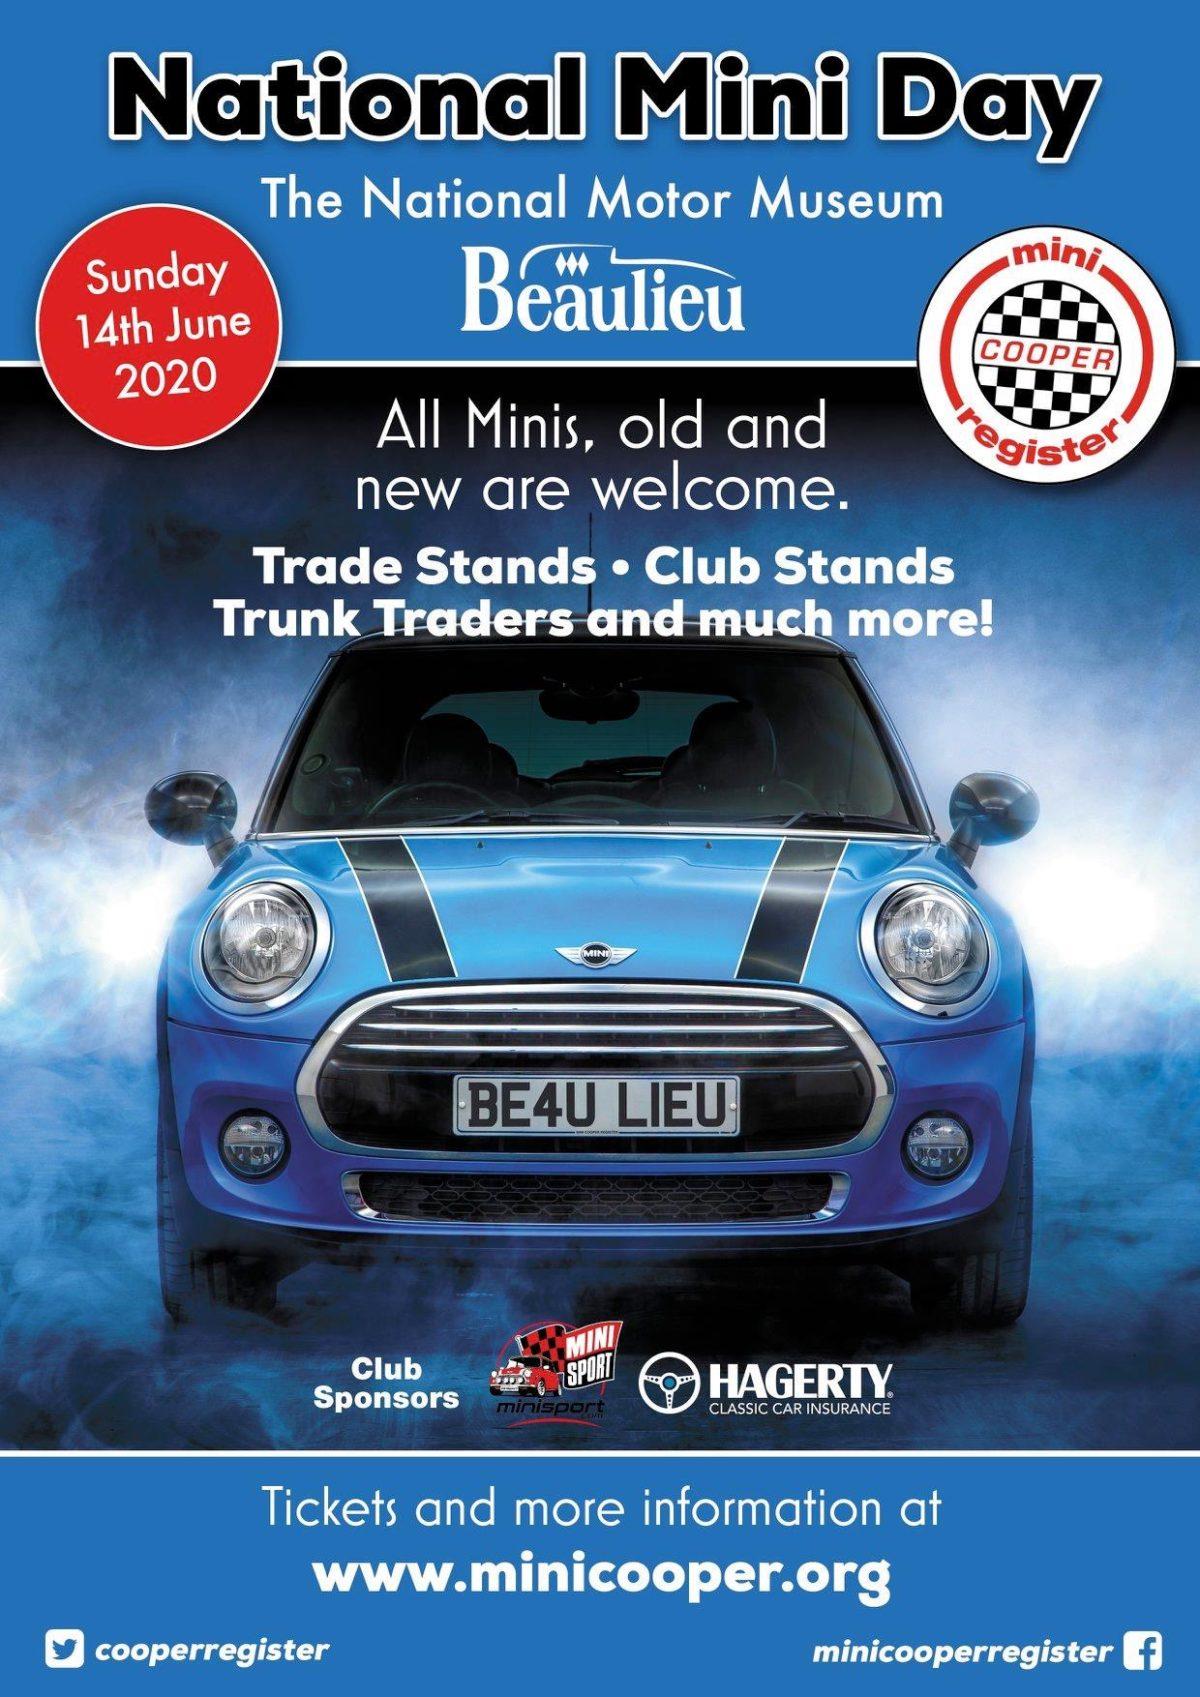 Beaulieu booking line is open